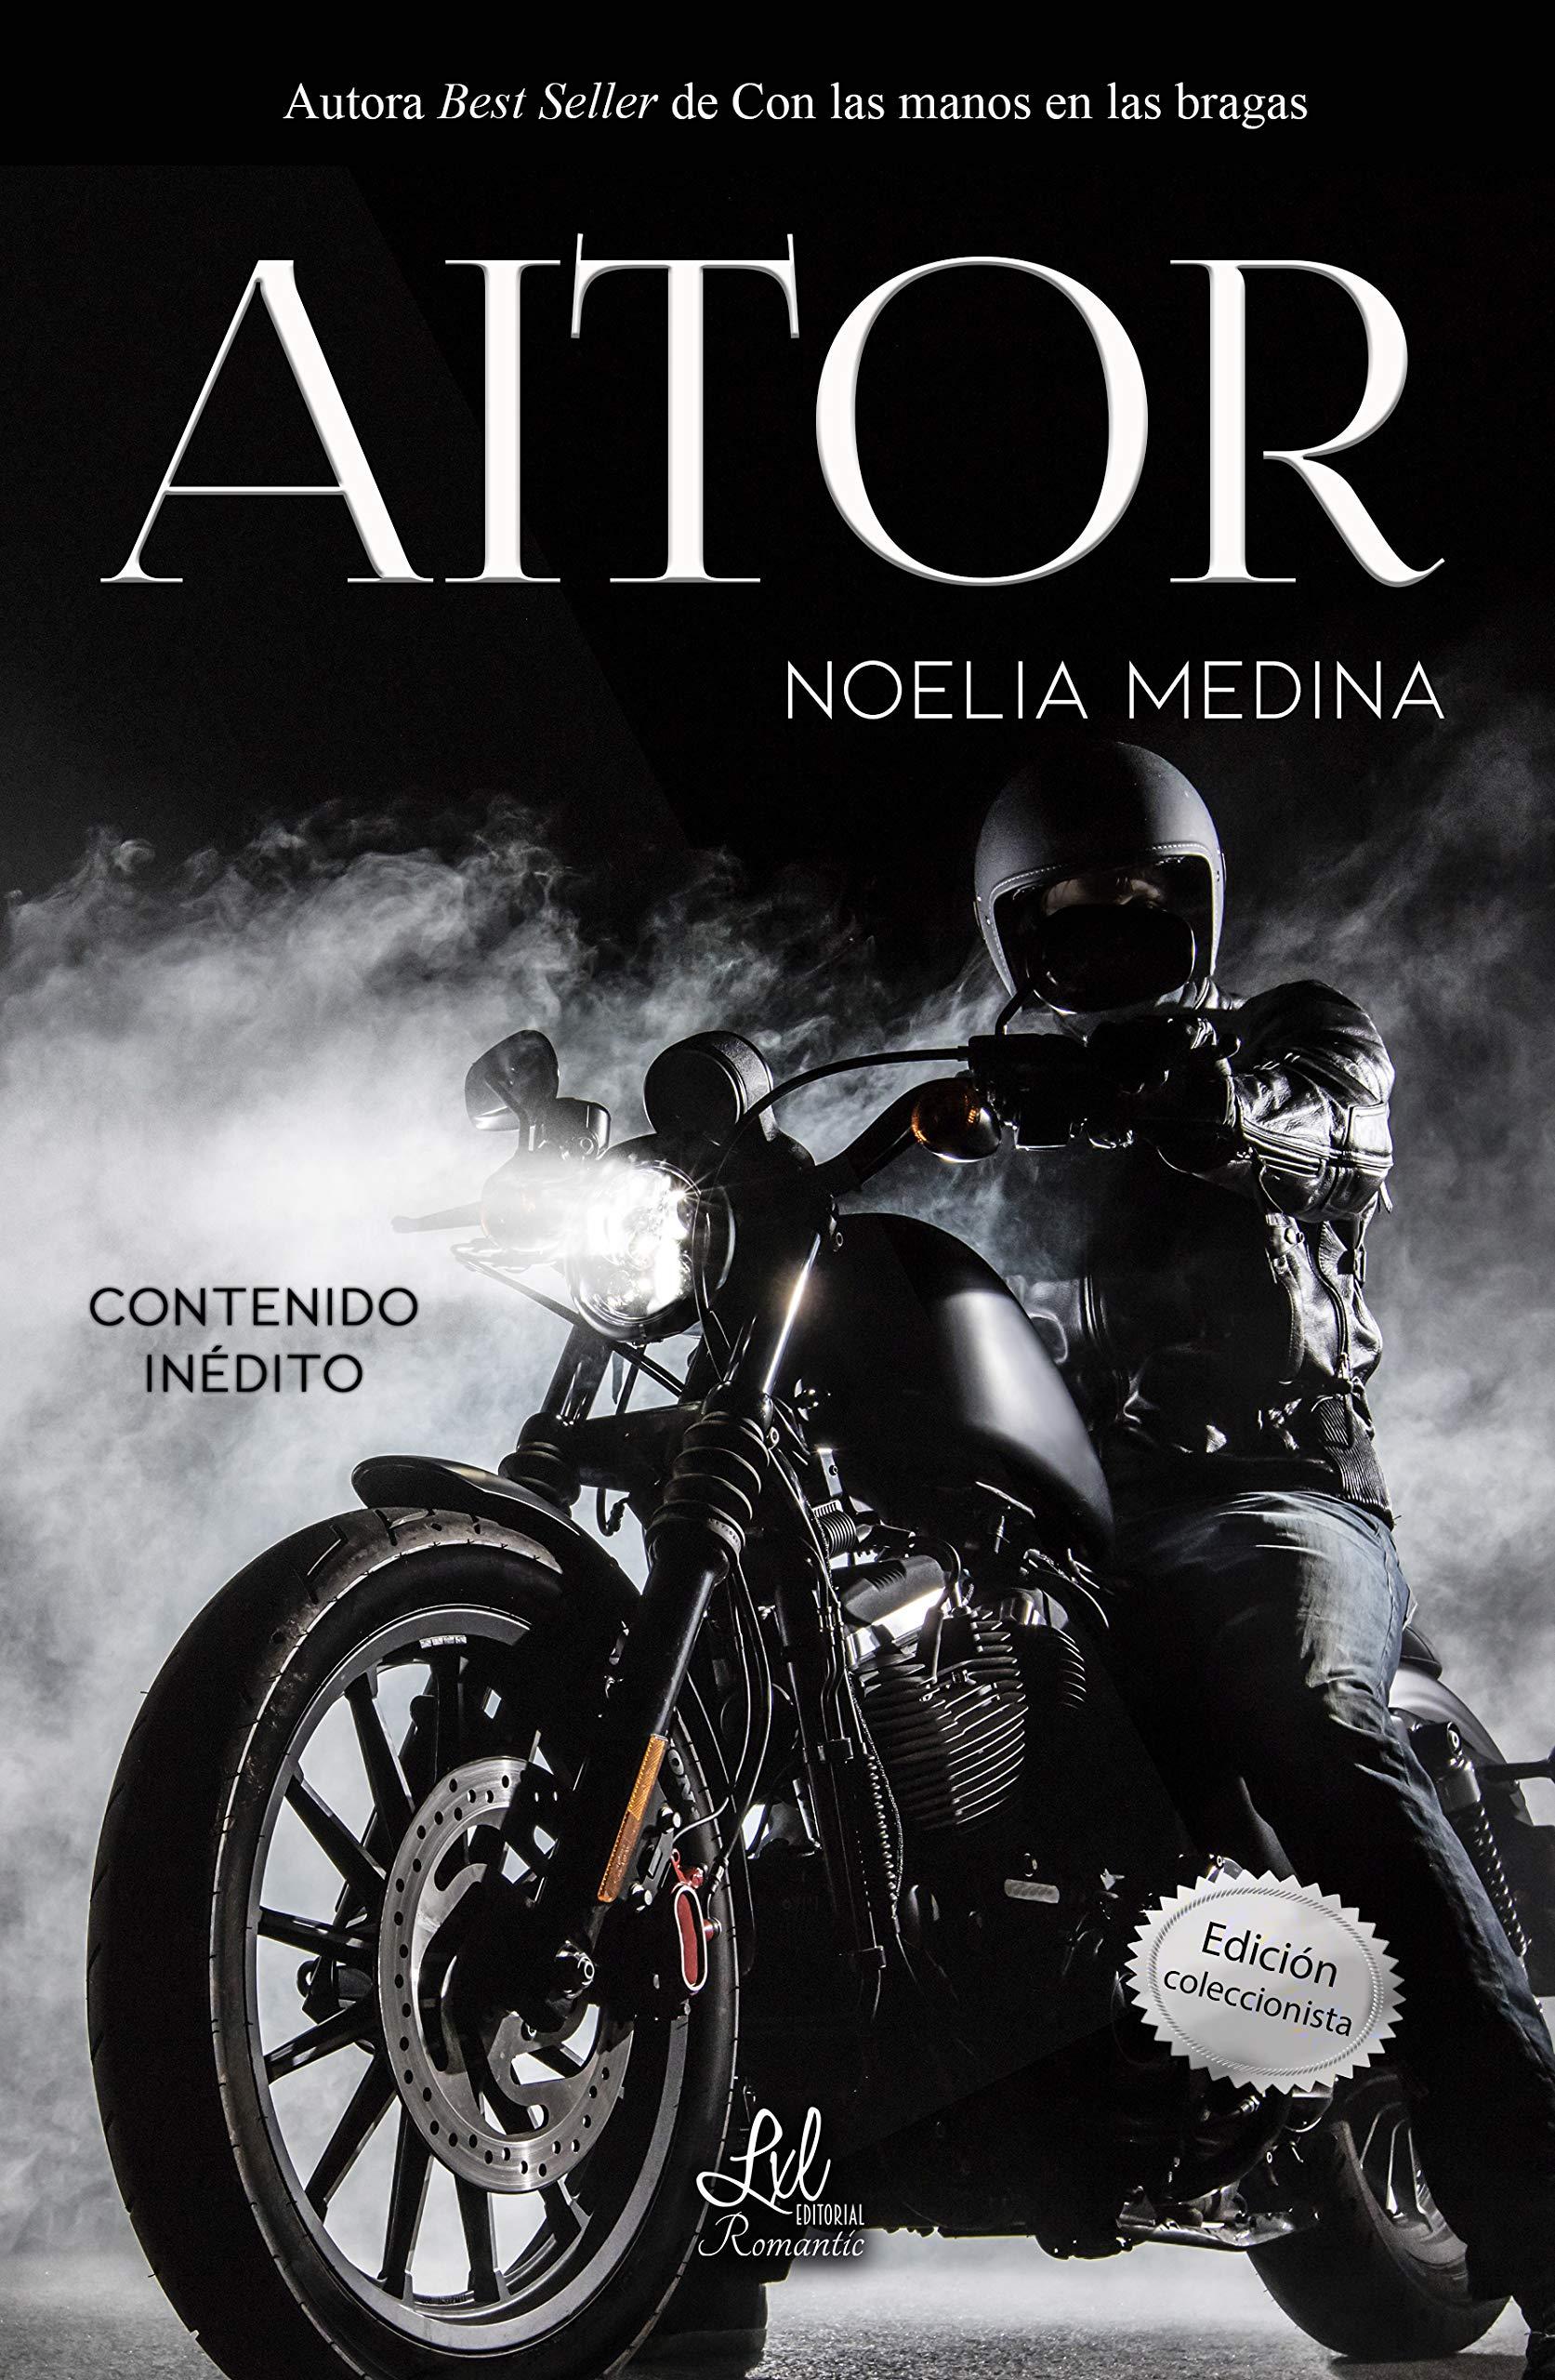 Aitor: Edición limitada (Contenido inédito) por Noelia Medina